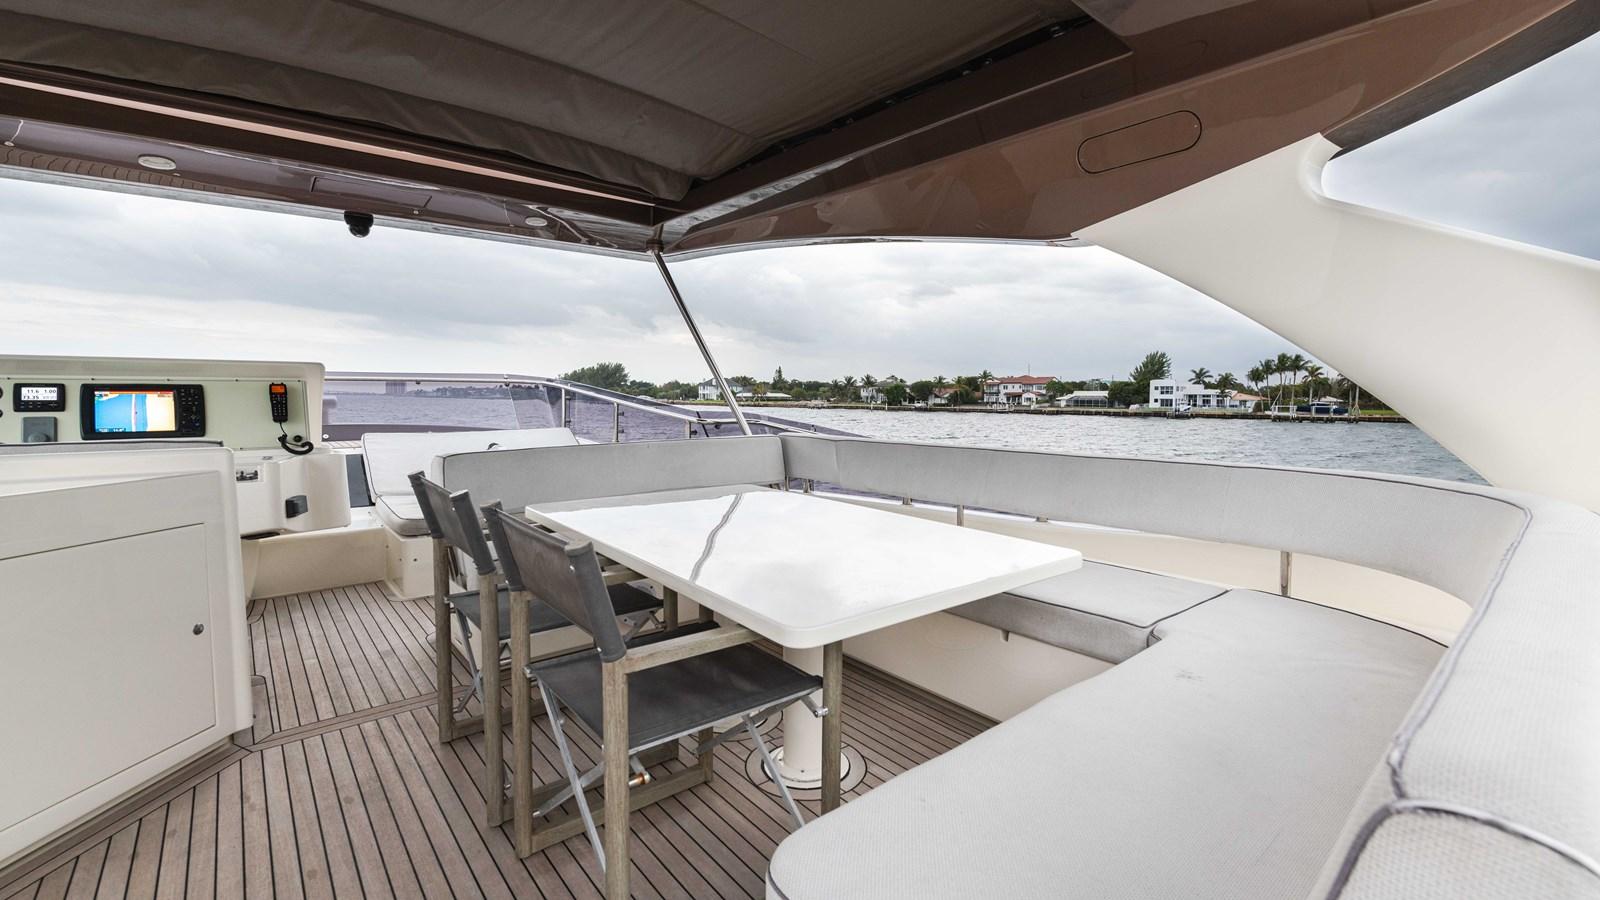 84 Ferretti (41 of 152) 2015 FERRETTI YACHTS  Motor Yacht 2883049